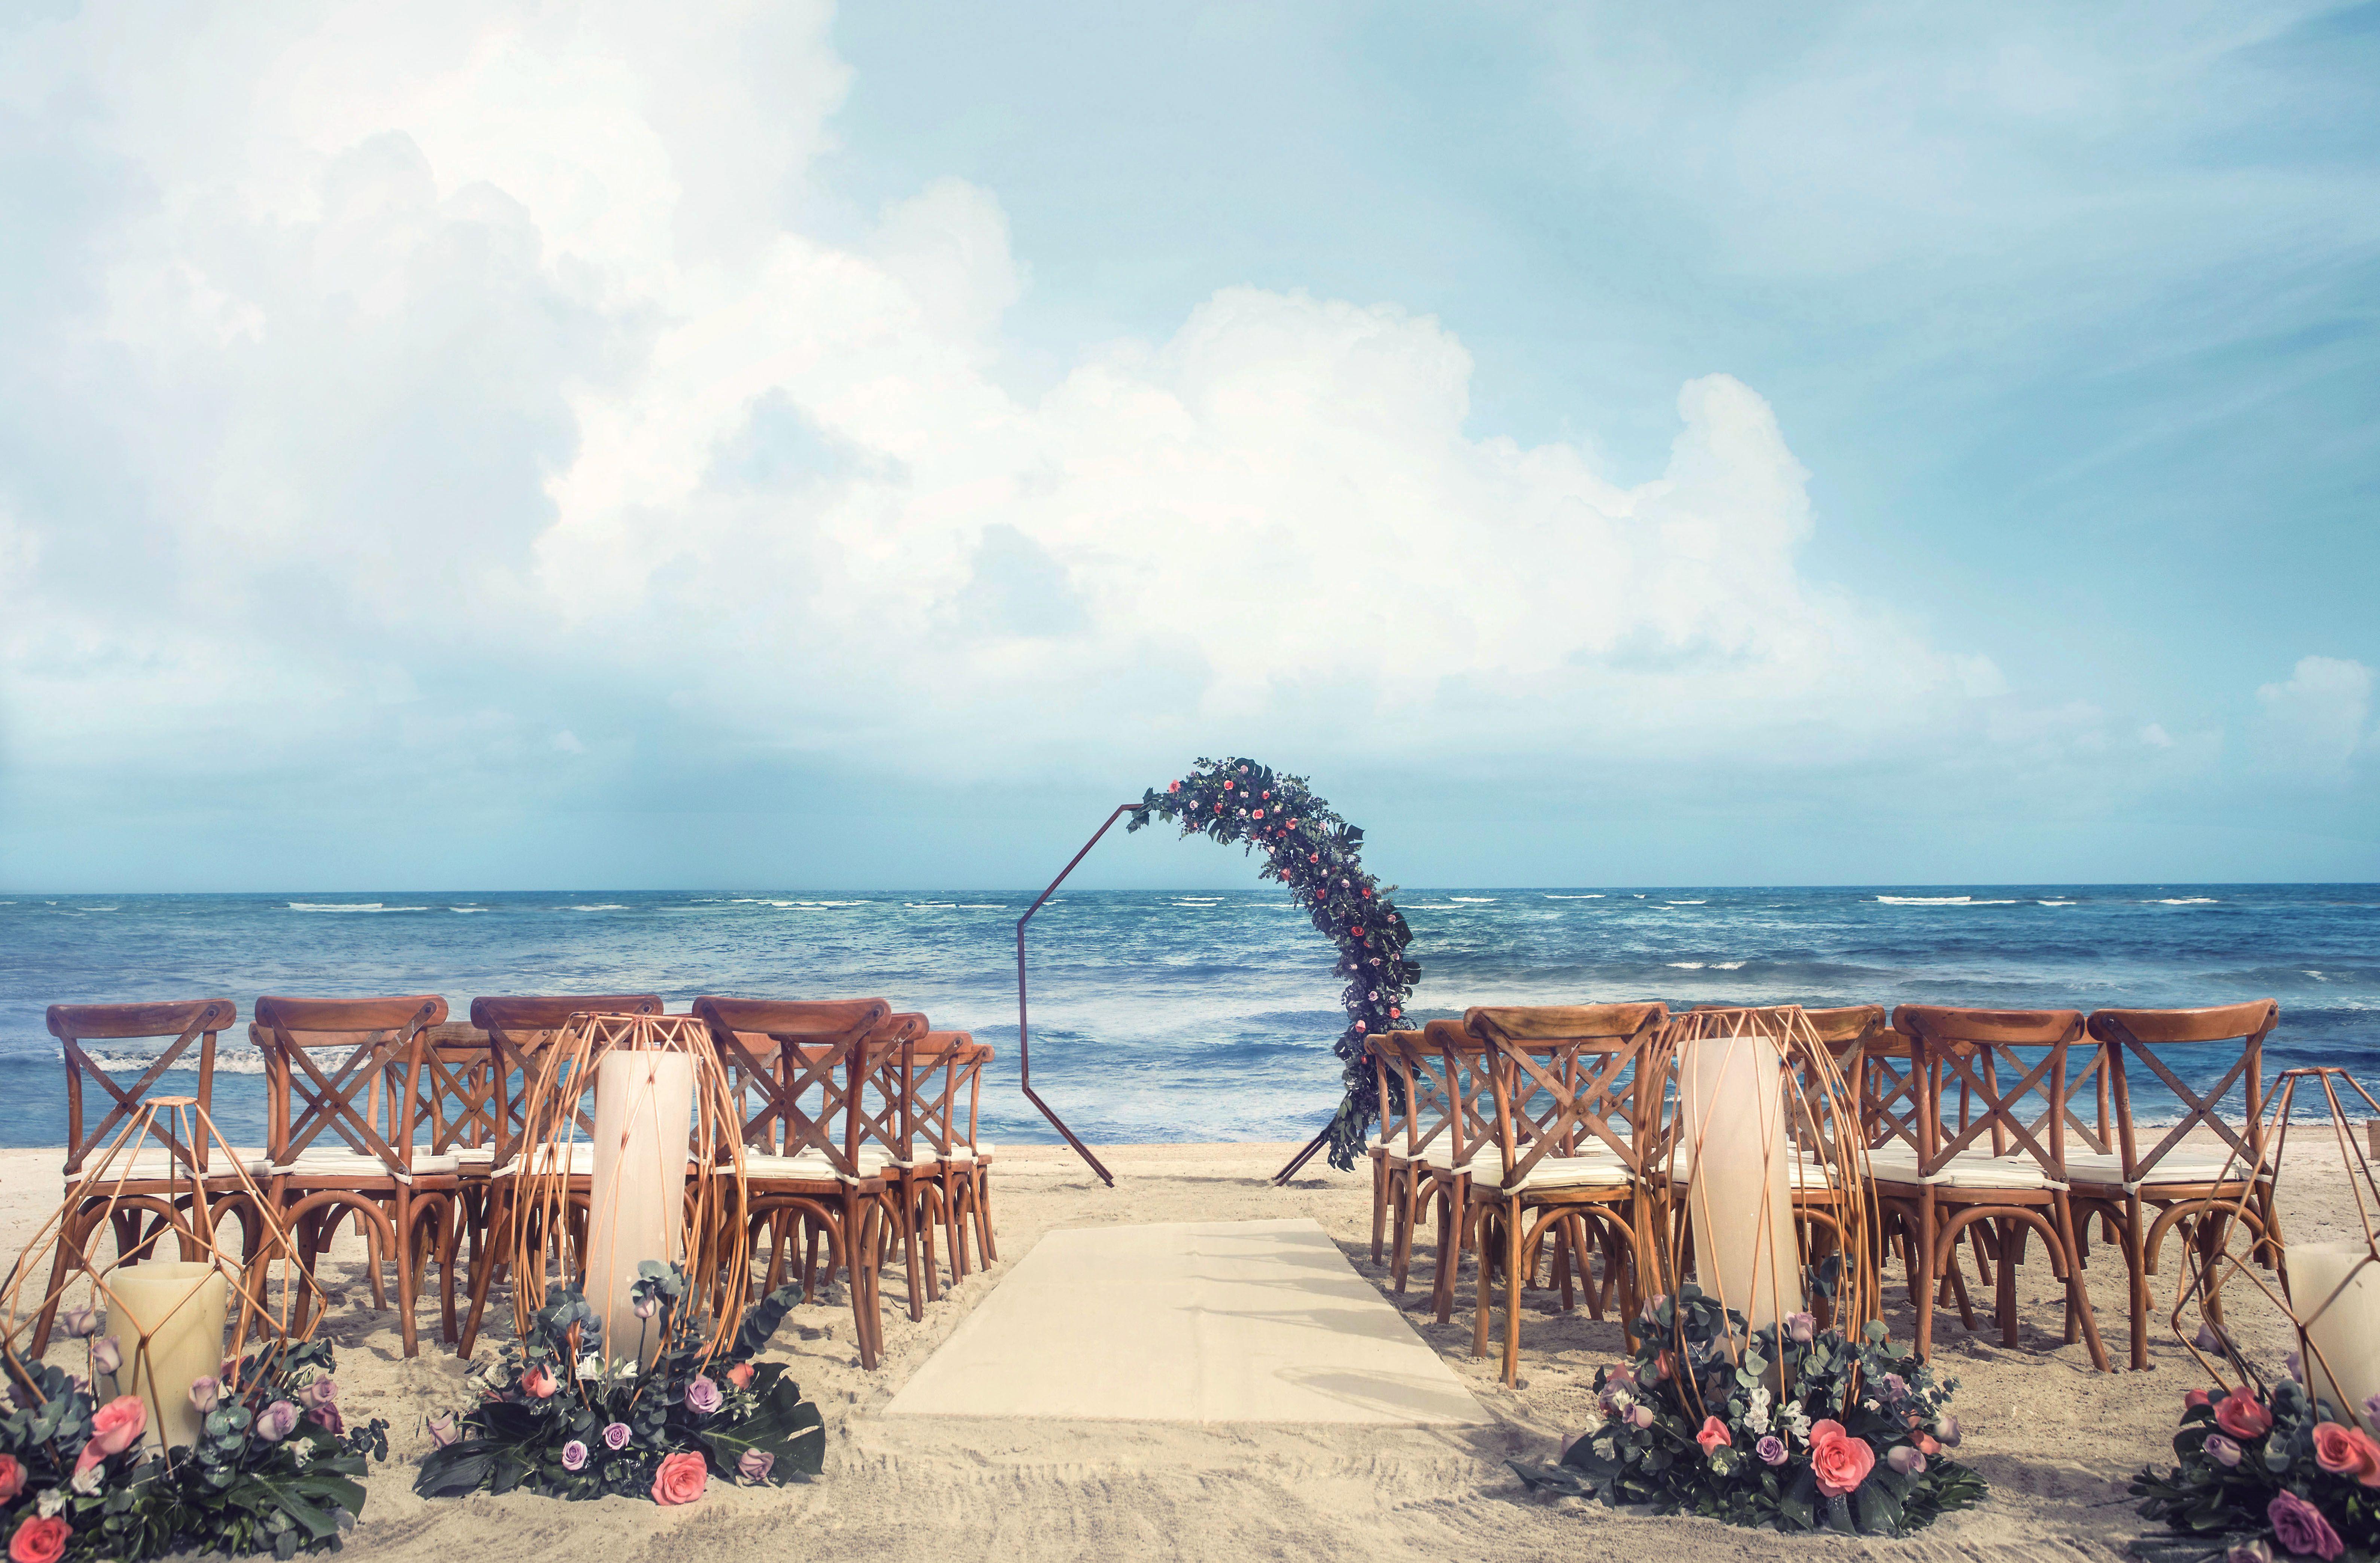 Destination Wedding UNICO All Inclusive Mexico